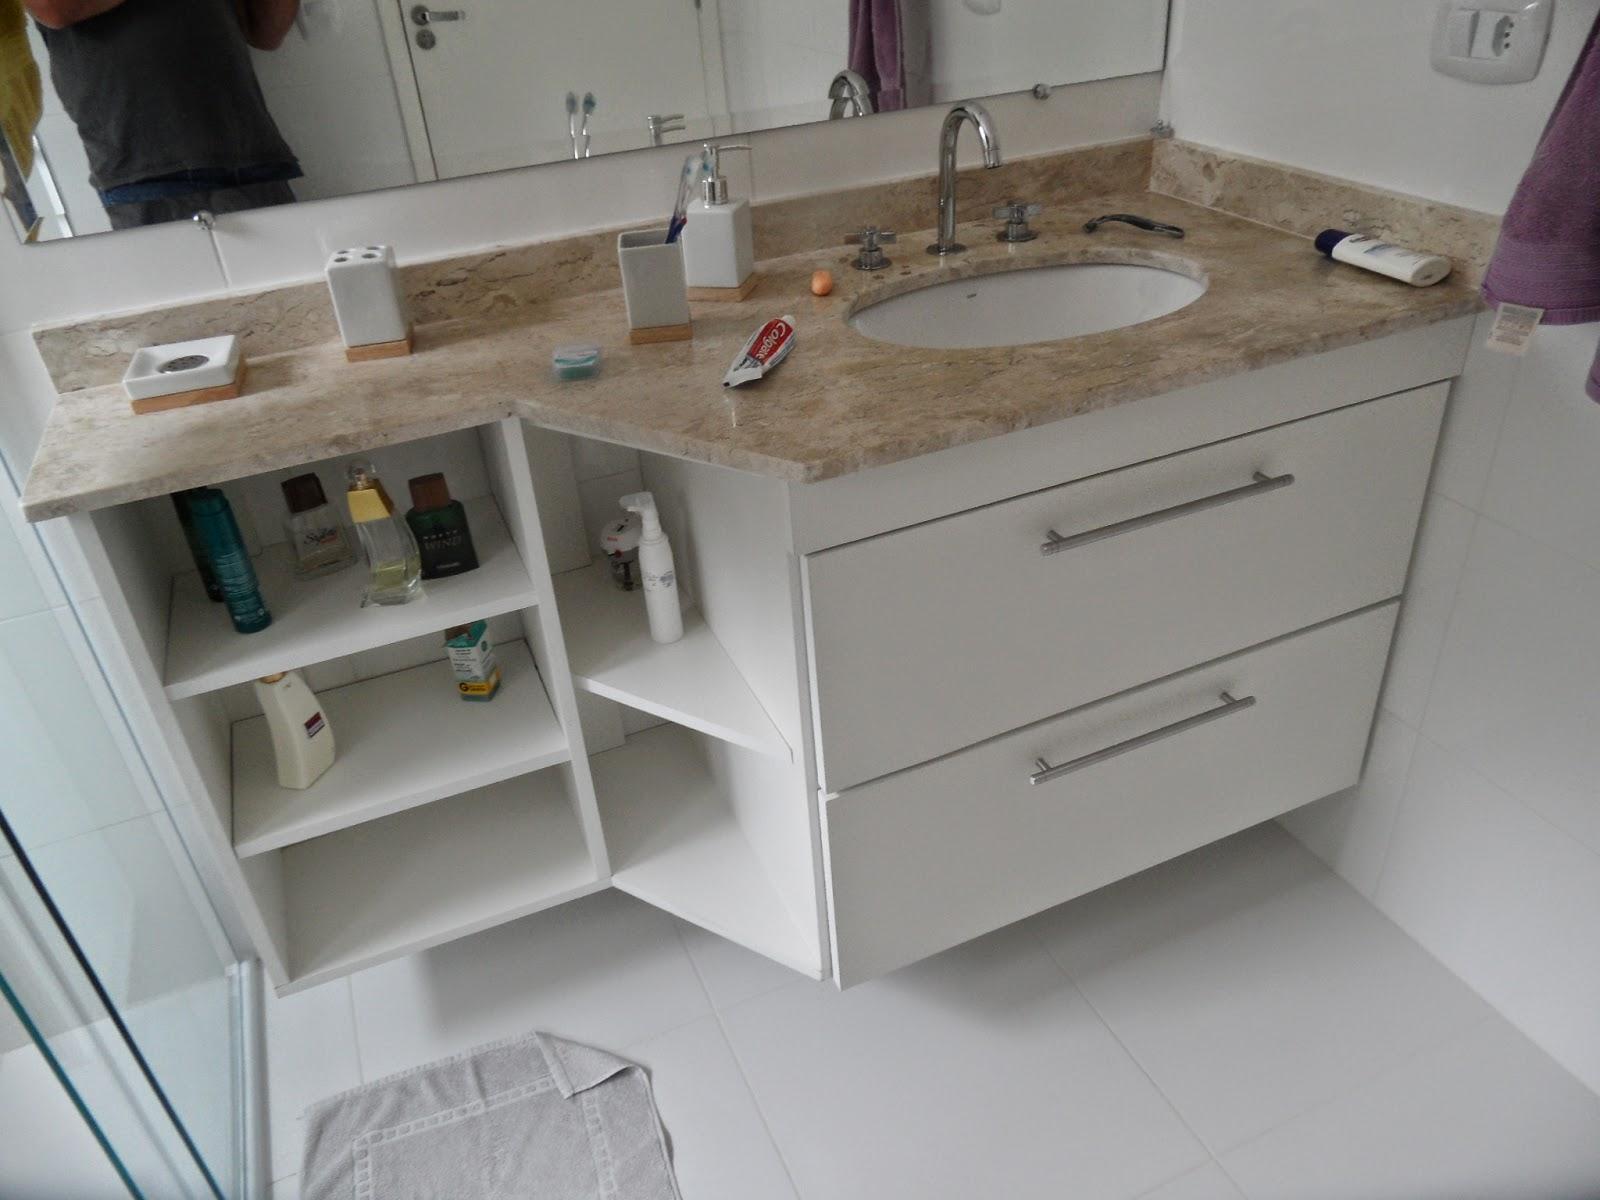 gabinete de banheiro gabinete de banheiro #5E4D3F 1600x1200 Balcão Banheiro Pia